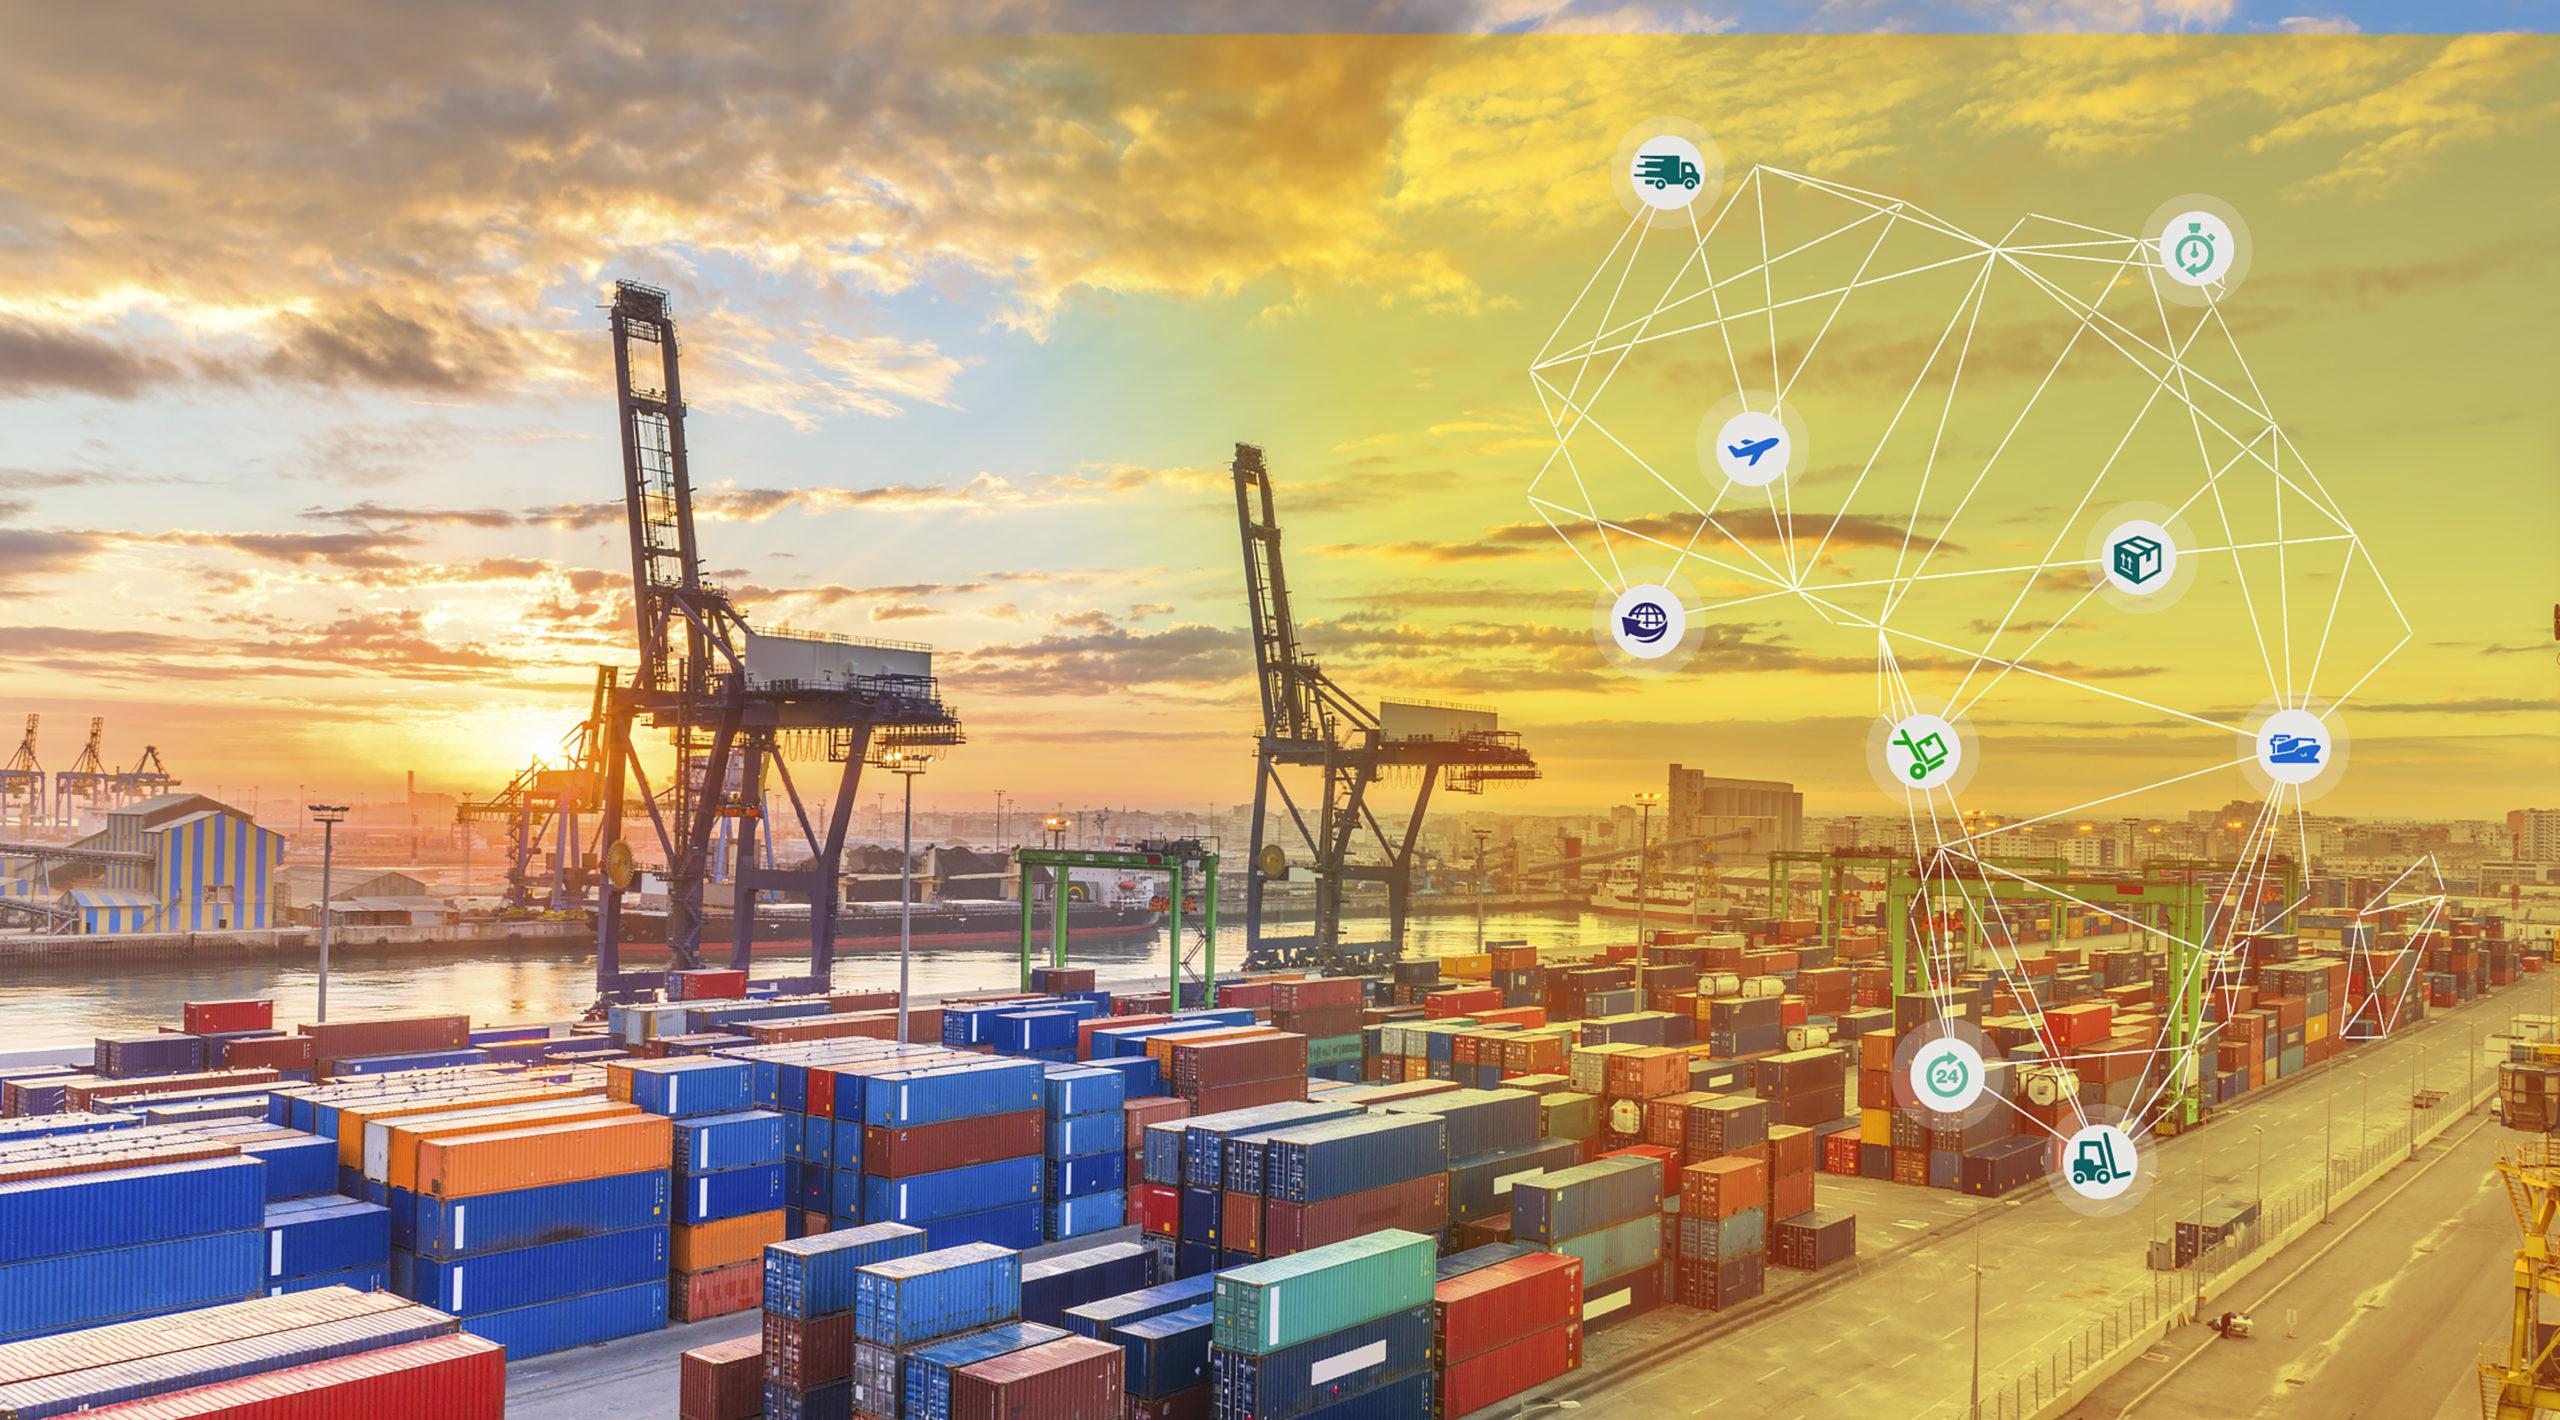 Zone de libre-échange continentale - Dynamiser le commerce en Afrique   business-magazine.mu